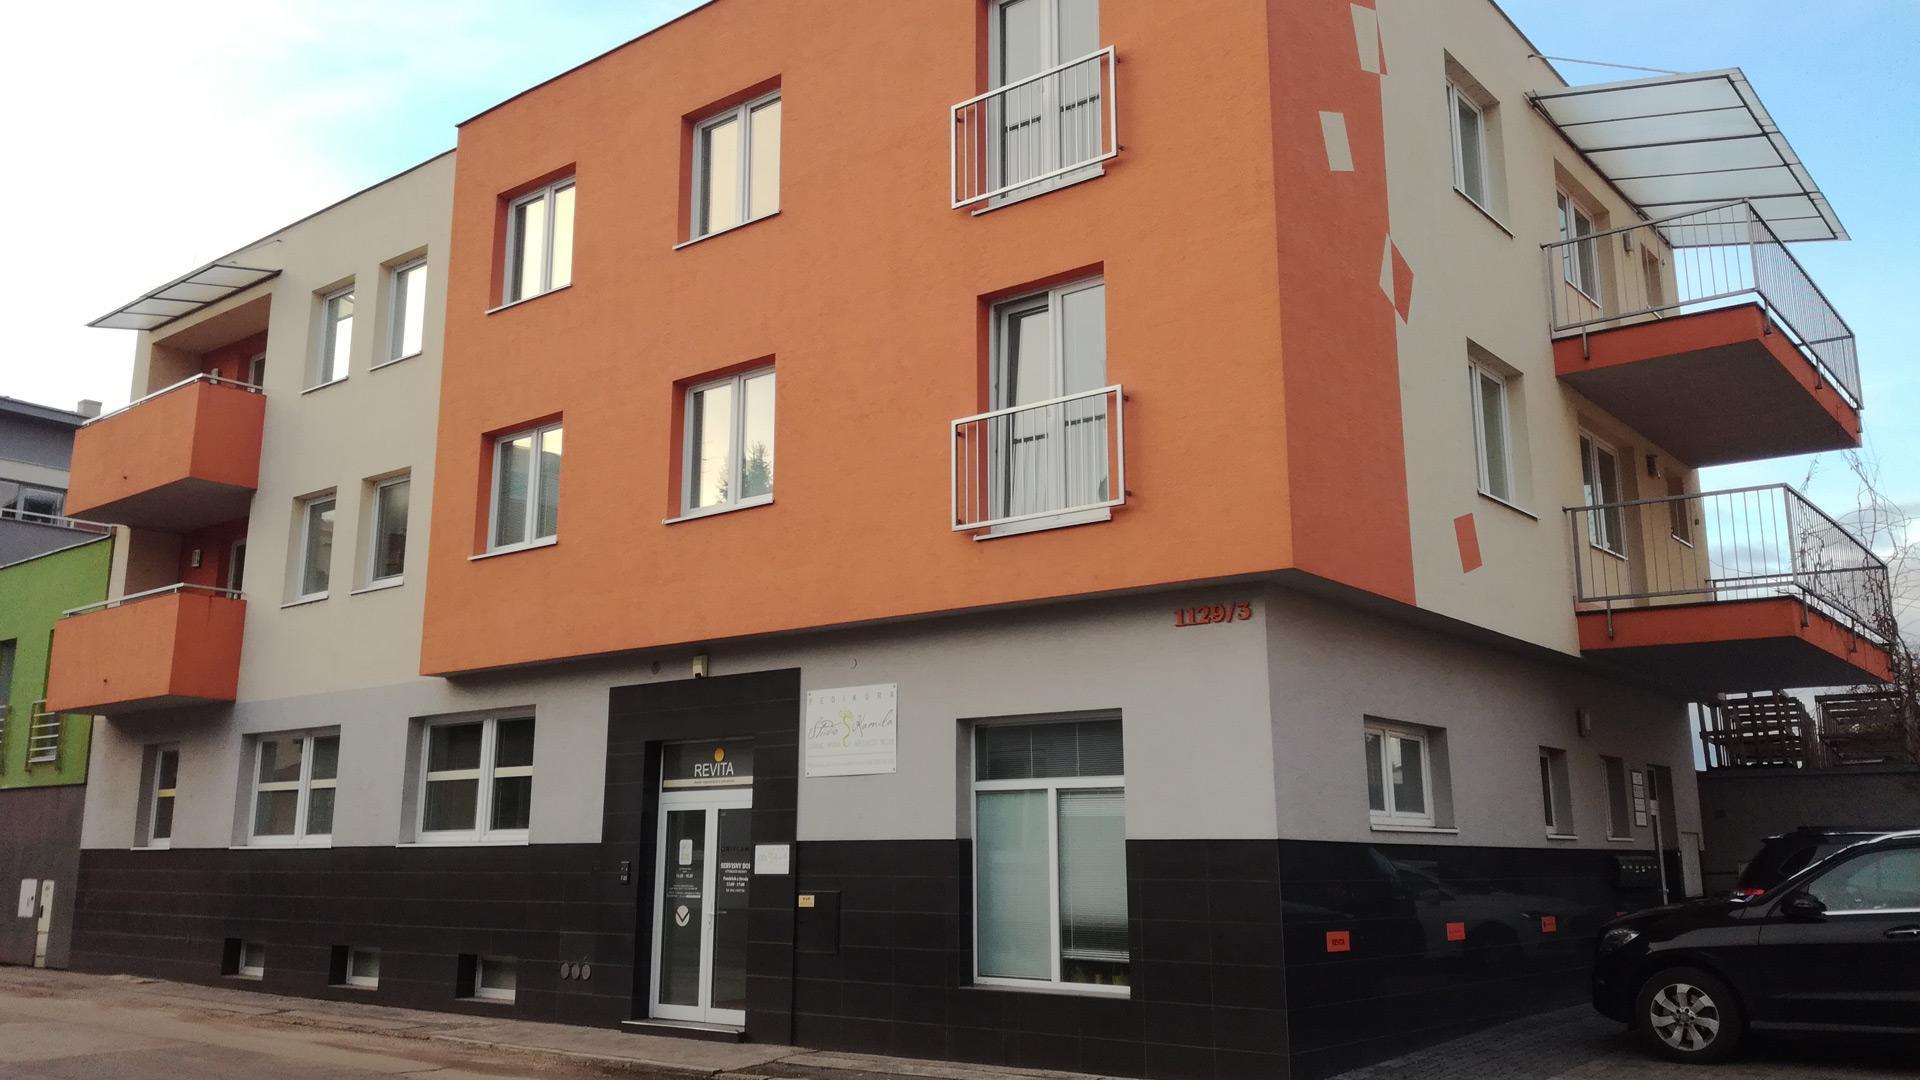 Prenájom bytov a nebytových priestorov na Kuzmányho ul. v Piešťanoch